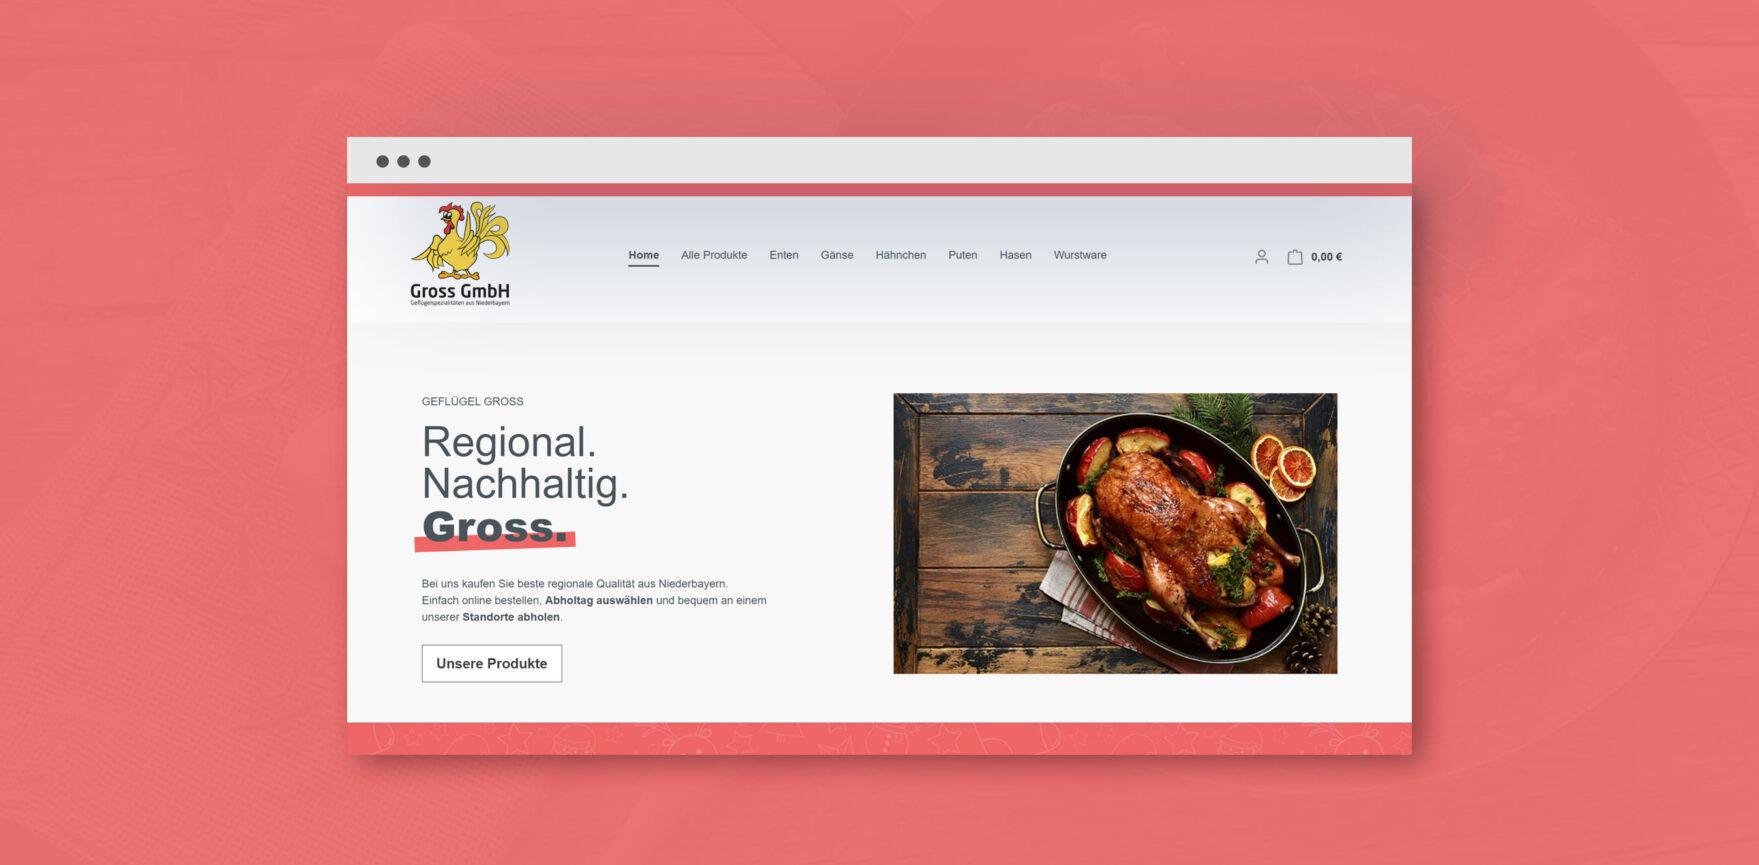 Geflügel Gross Shopware Online Shop Startseite